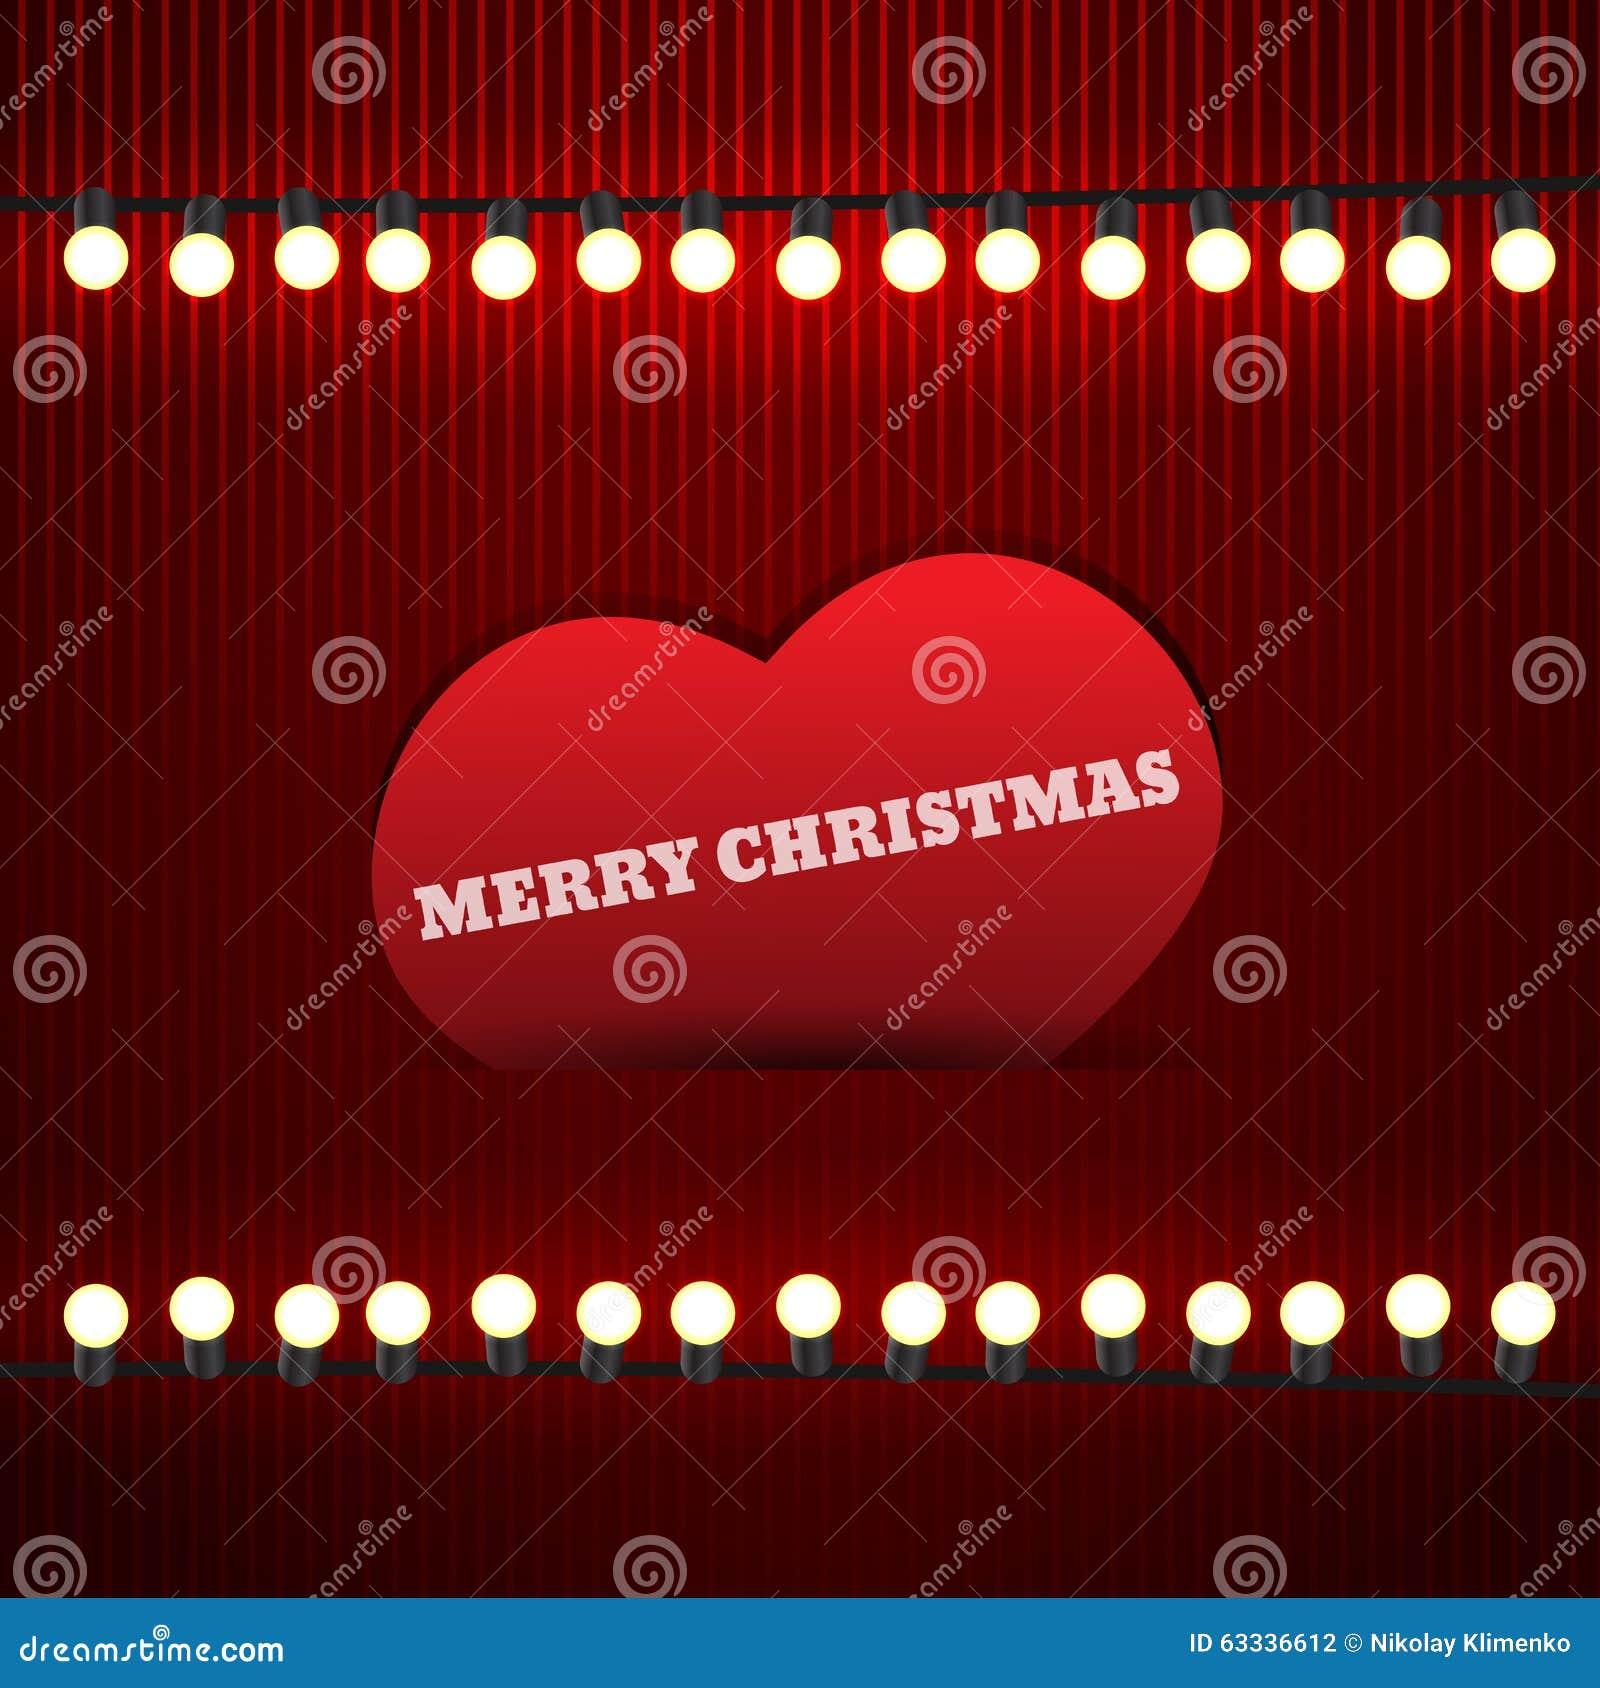 Винтажная рождественская открытка с гирляндой и сердцем Иллюстрация EPS